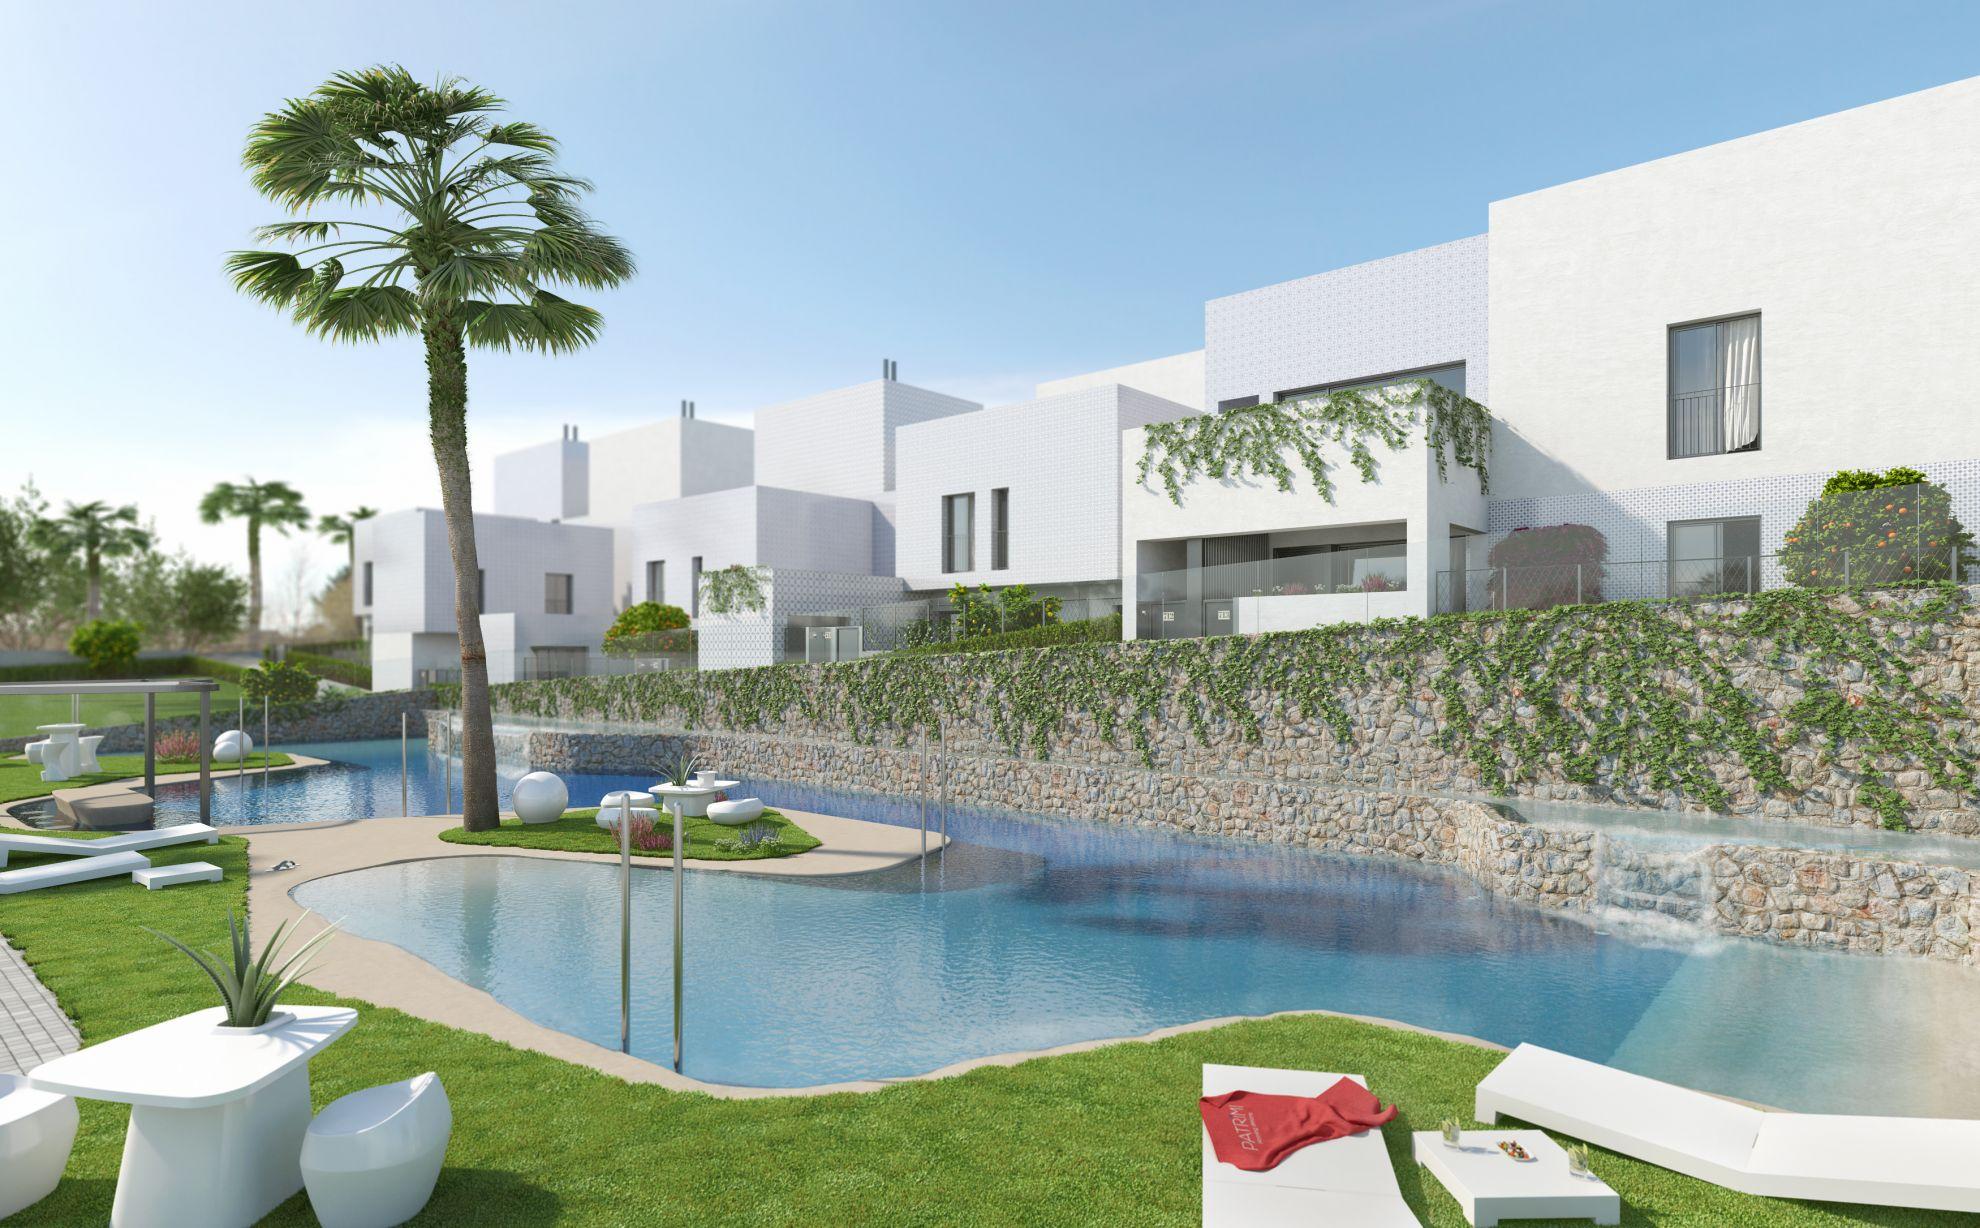 Detached villa with 2 bedrooms, in urbanization with pool, Villamartín. 1